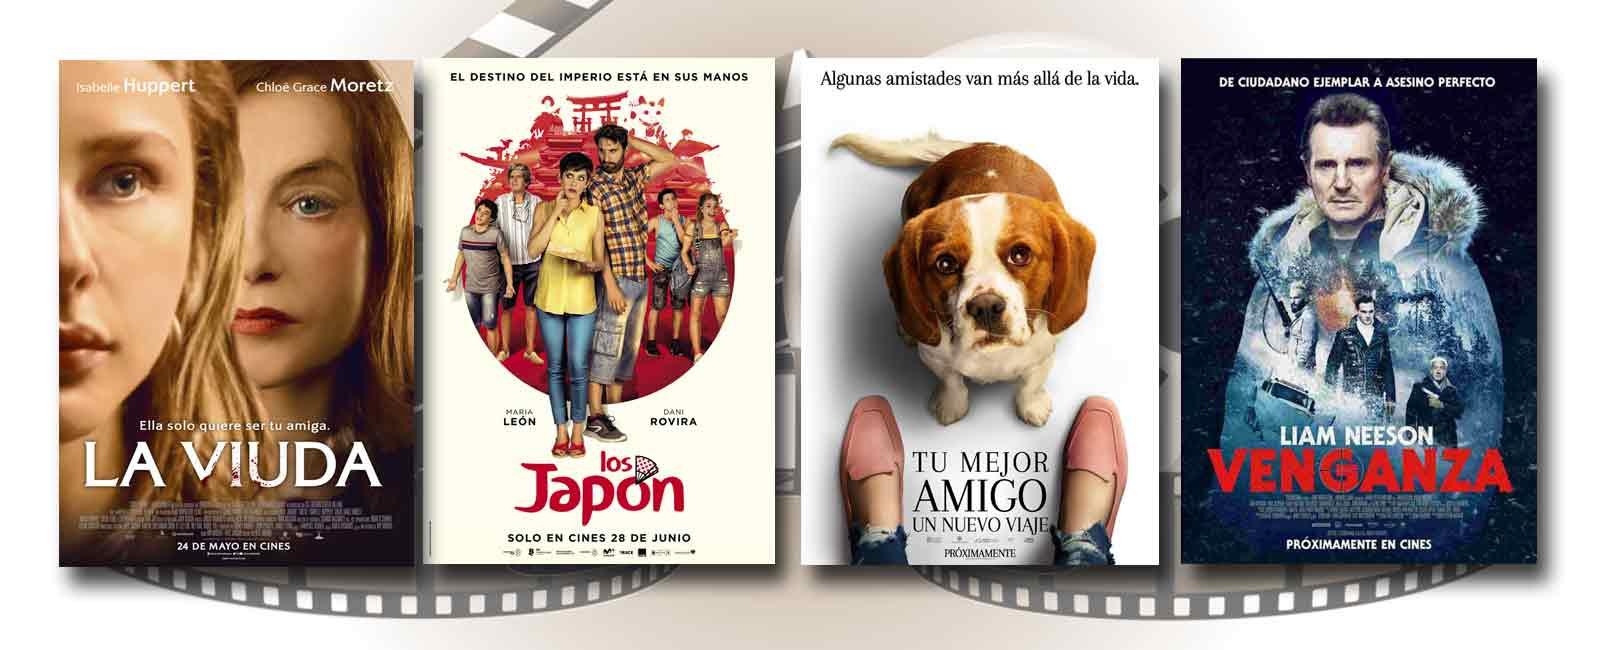 Estrenos de Cine de la Semana… 28 de Junio 2019